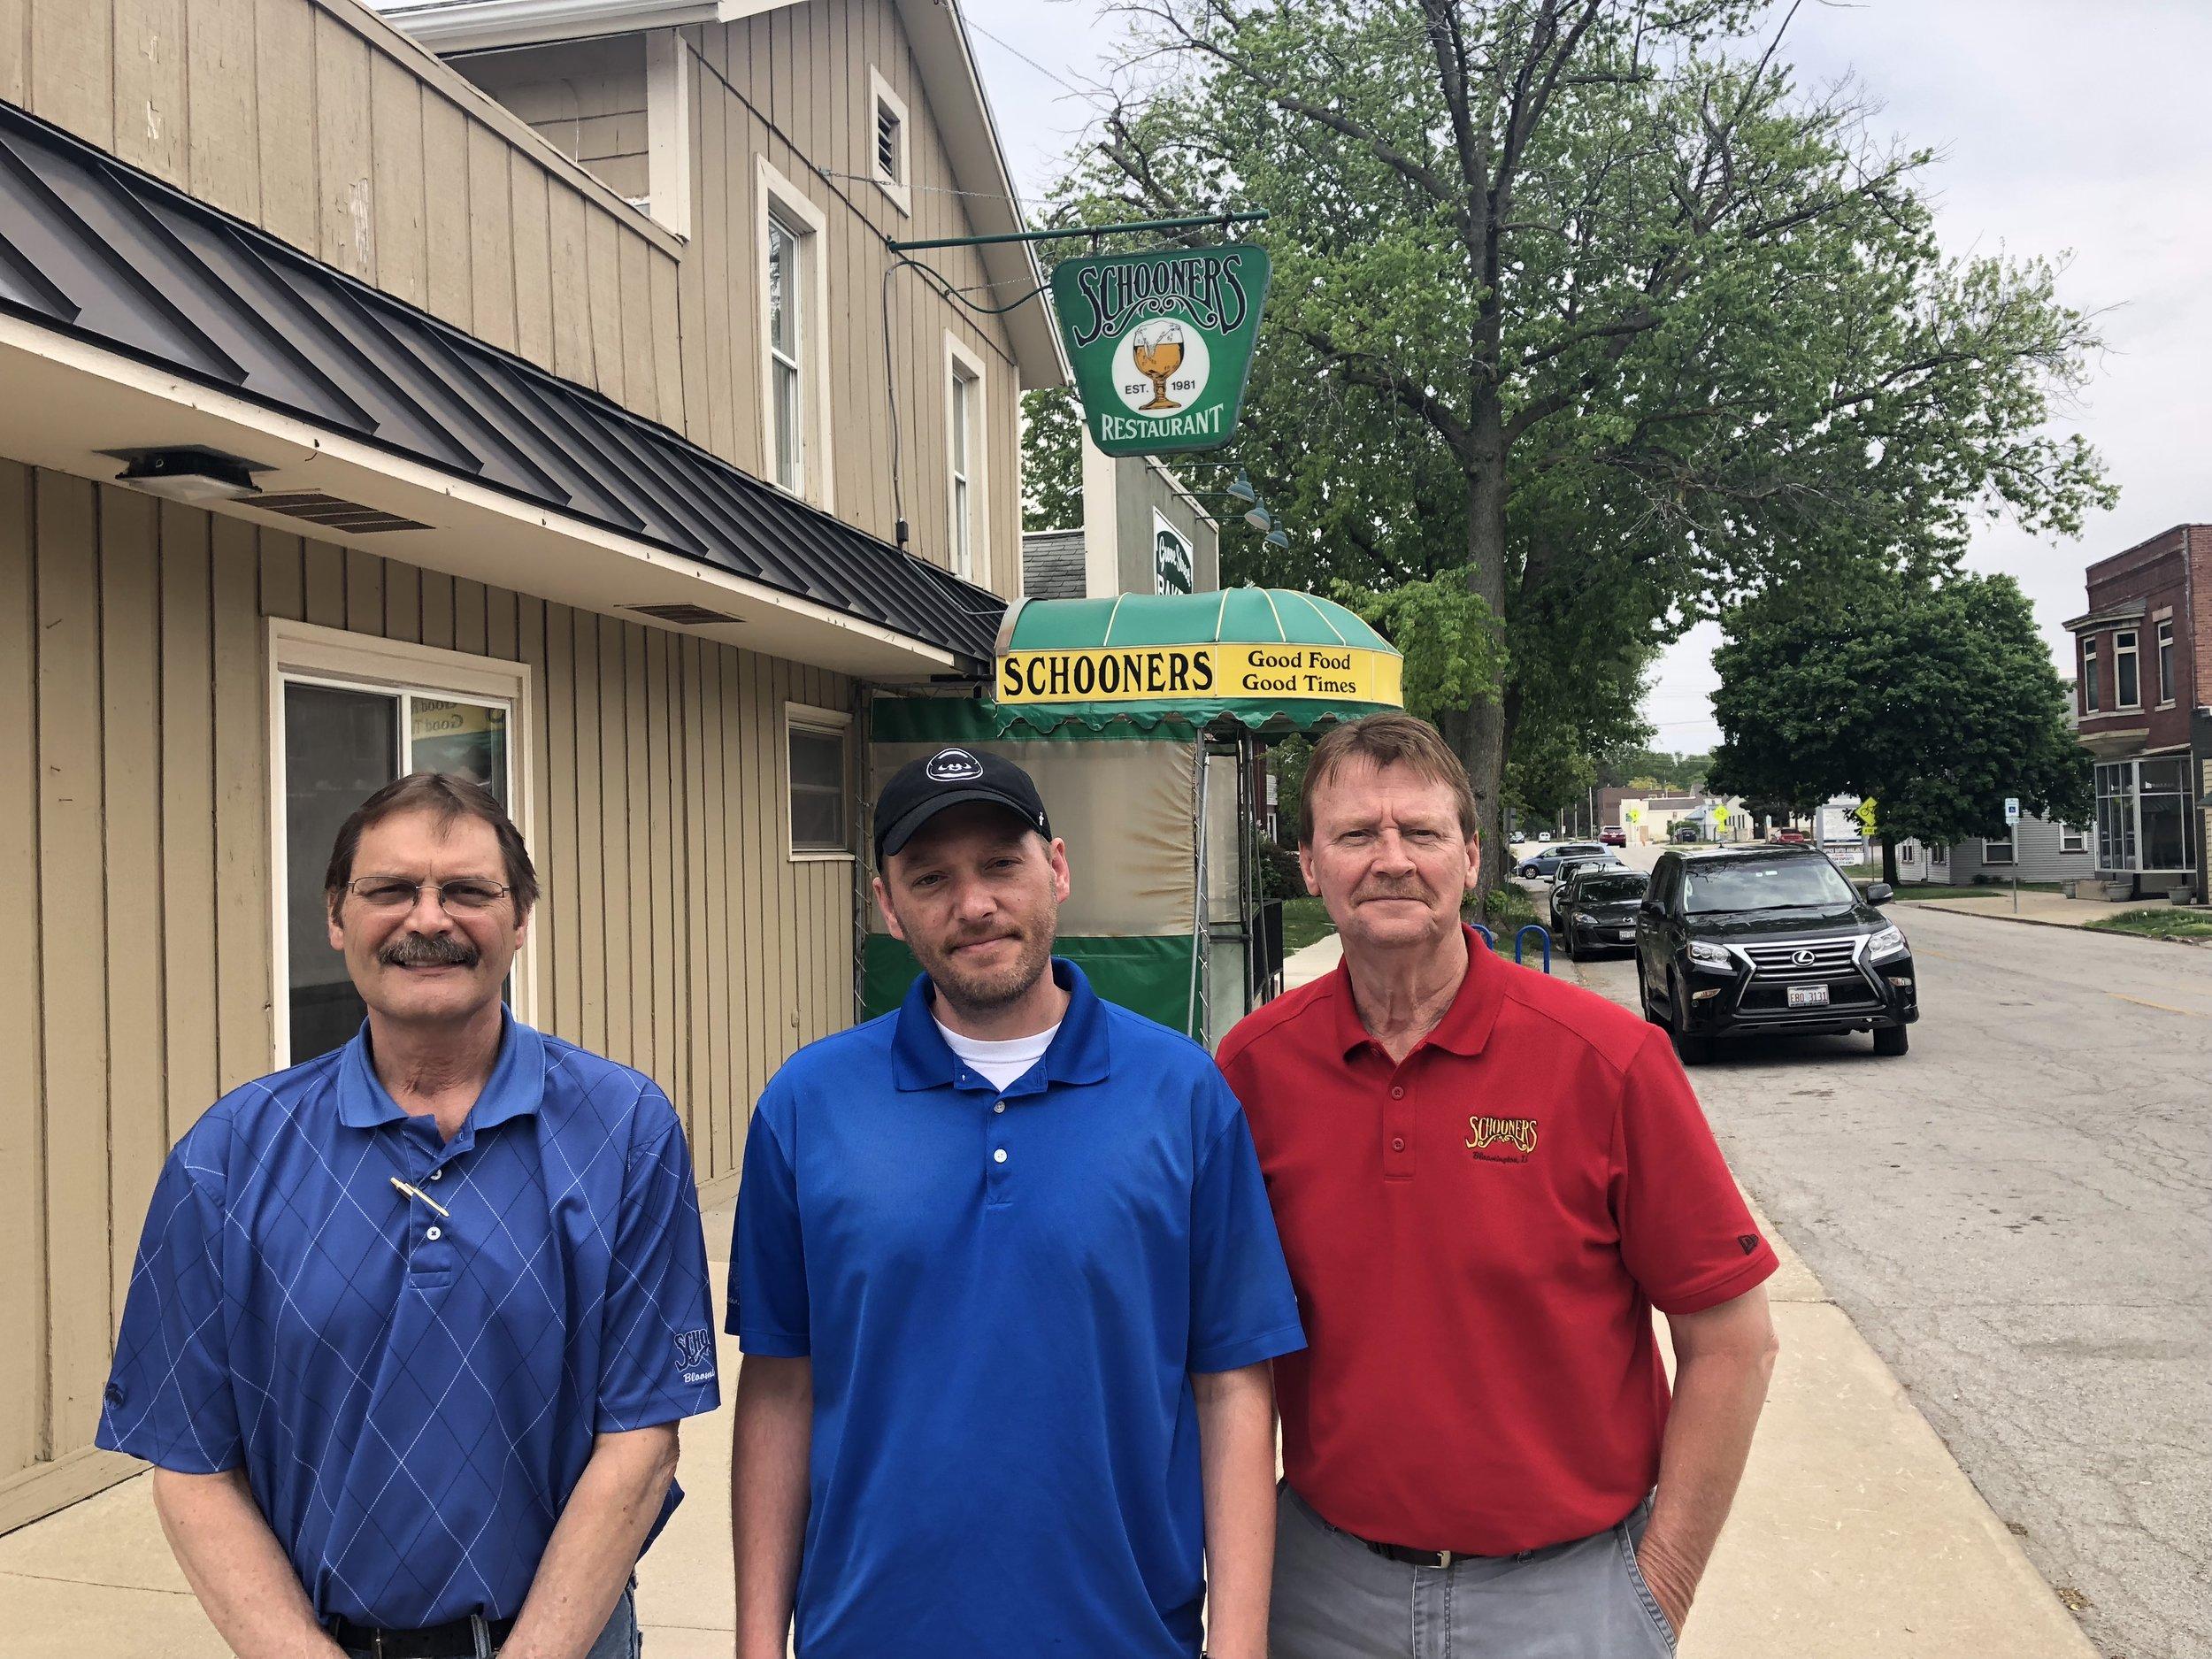 (Left to right)Mike Svob, Adam Jones, Bob Groetken in front of Schooners on Grove Street (Photo: Erik Prenzler/AdaptBN)